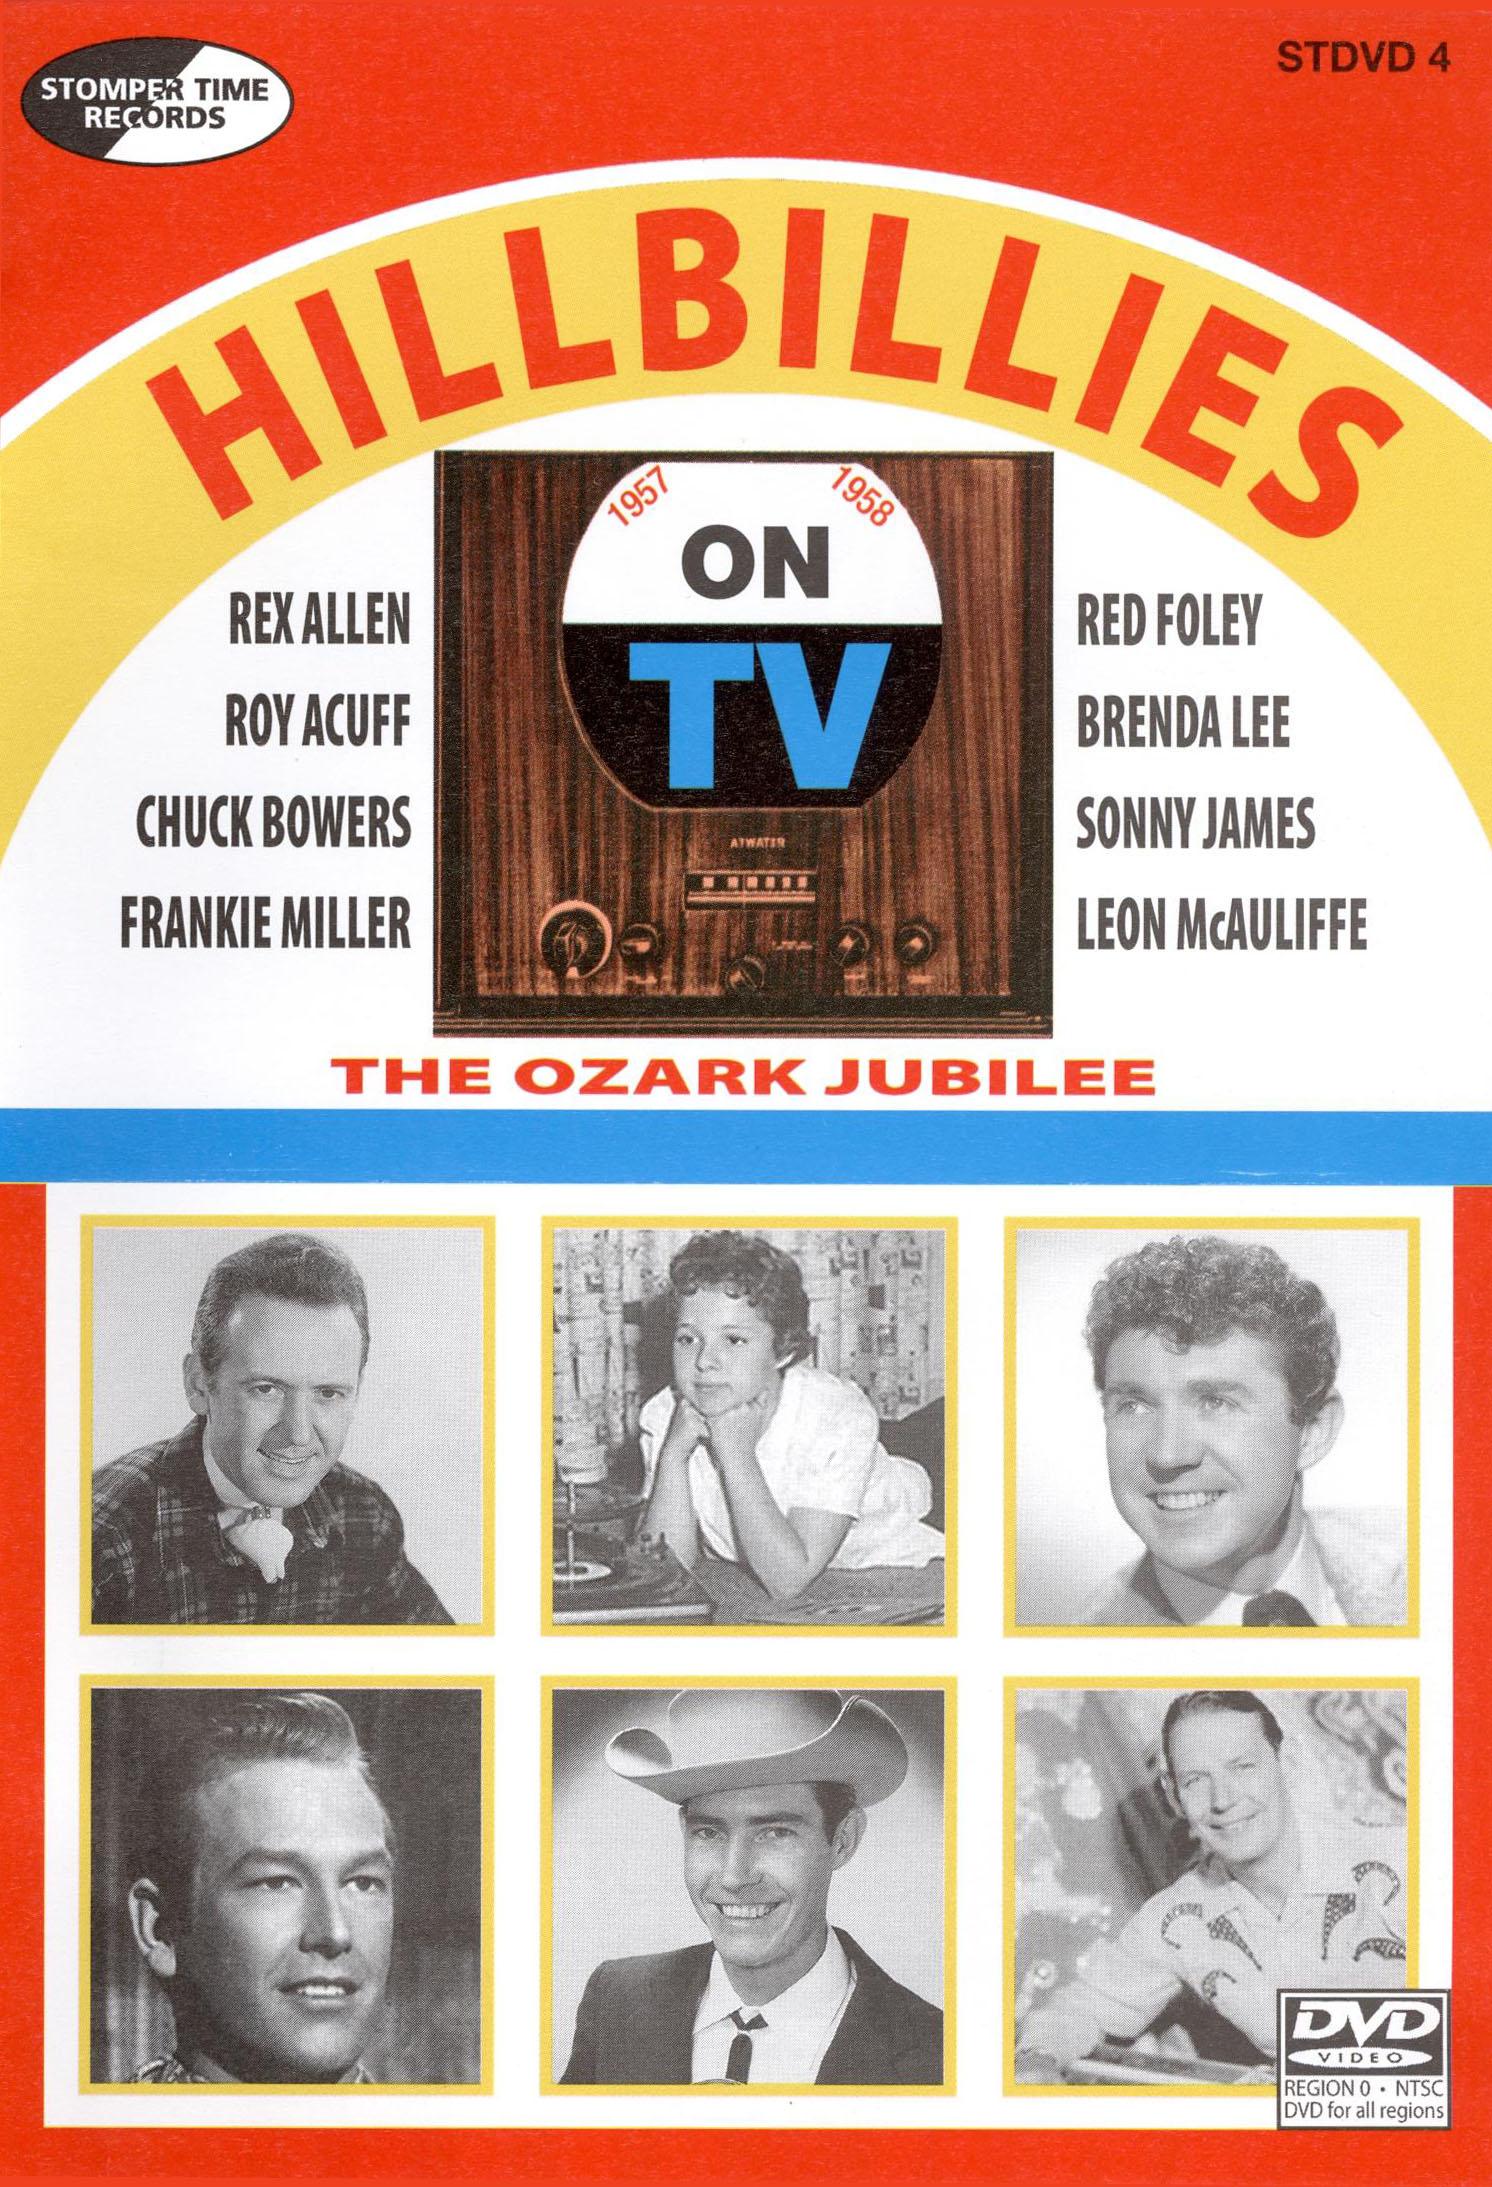 Hillbilly Rockabillies on TV